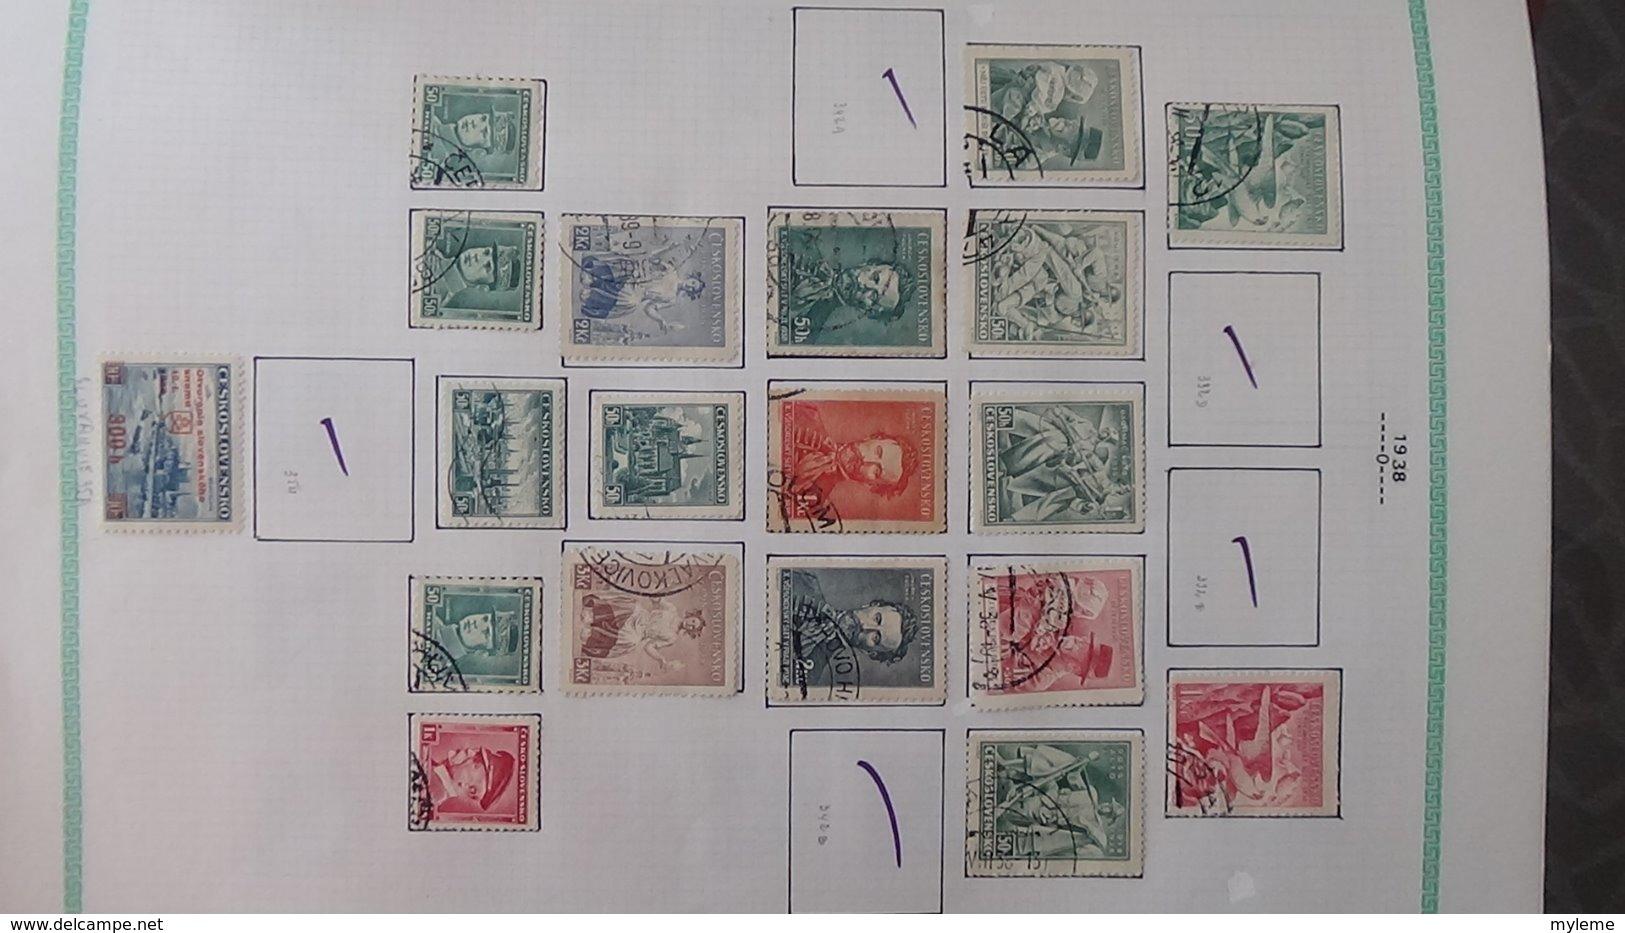 Grosse Collection De TCHECOSLOVAQUIE Bien Suivie Toutes Les Photos N'ont Pas été Prises - Collezioni (in Album)